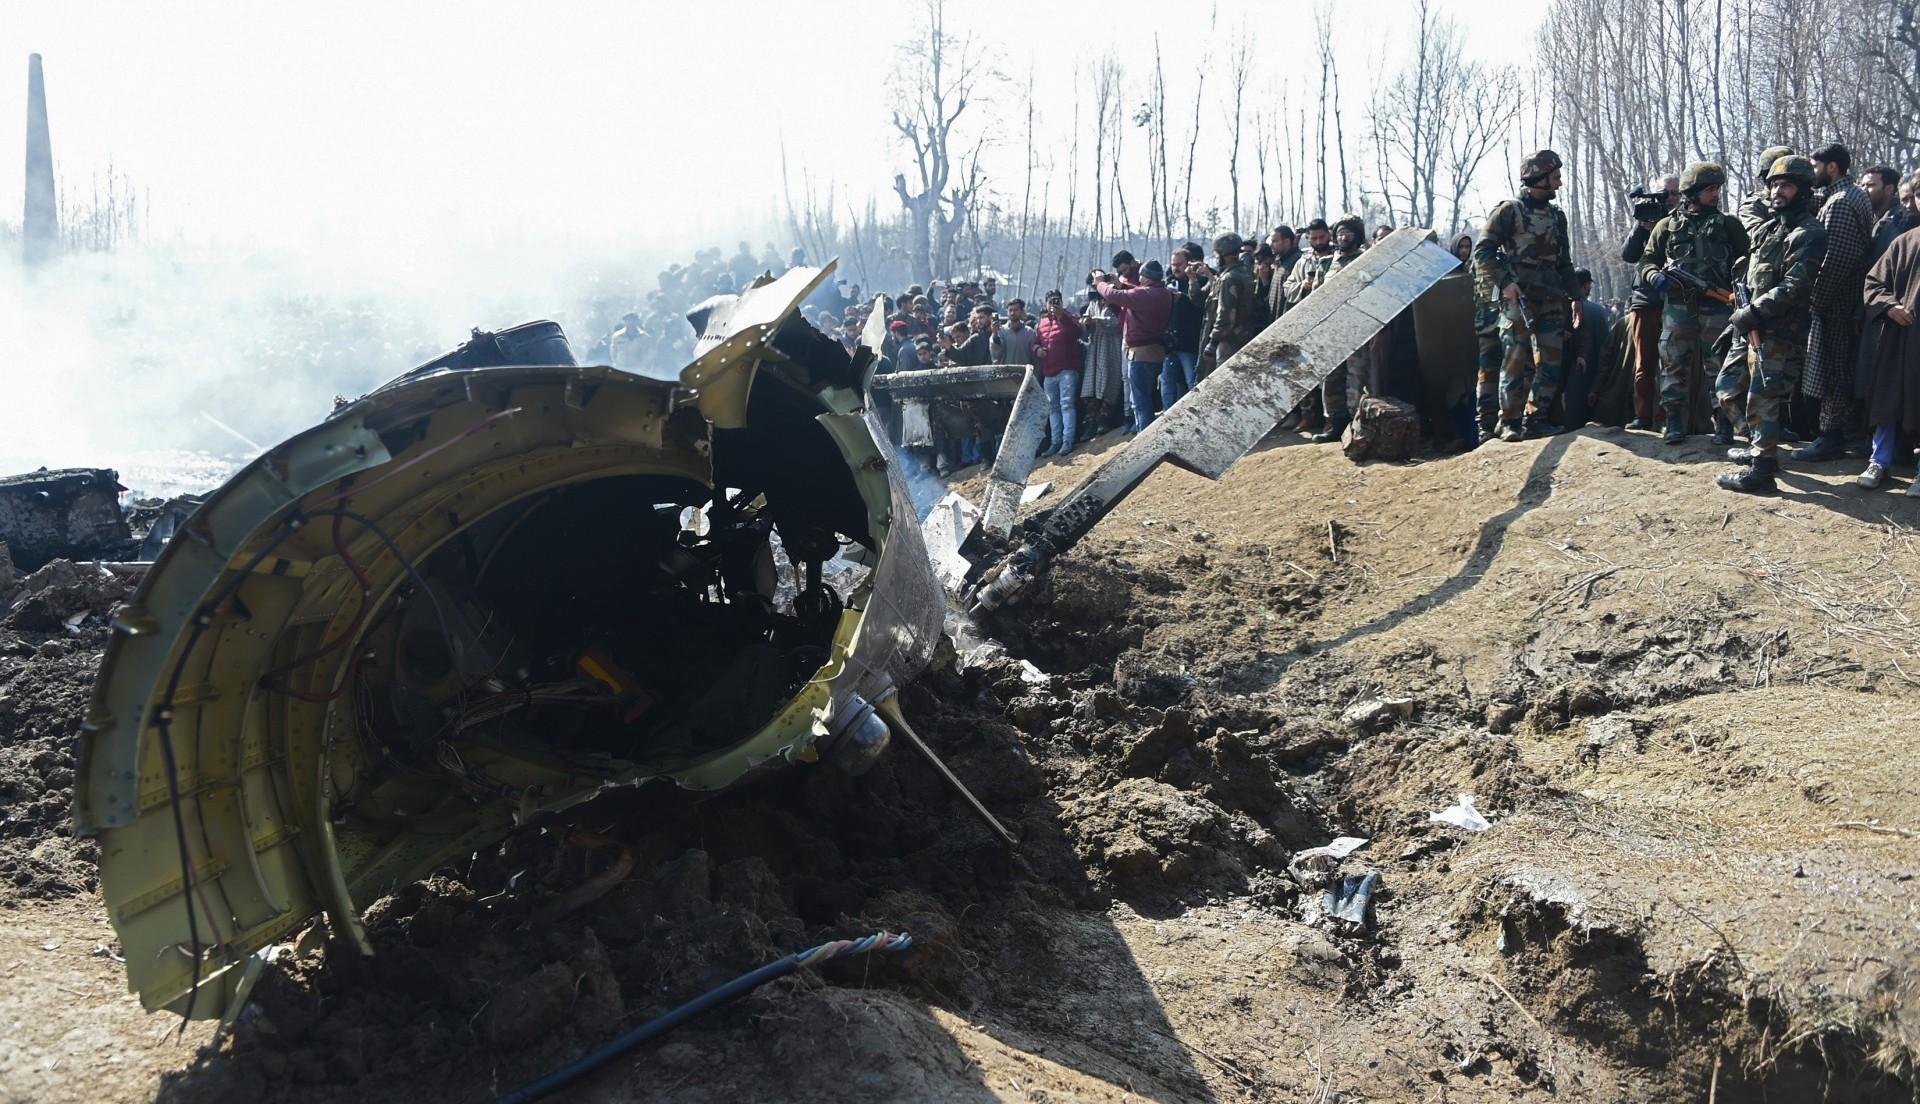 Soldados indios revisan los restos de un avión de la Fuerza Aérea derribado en territorio indio (AFP)